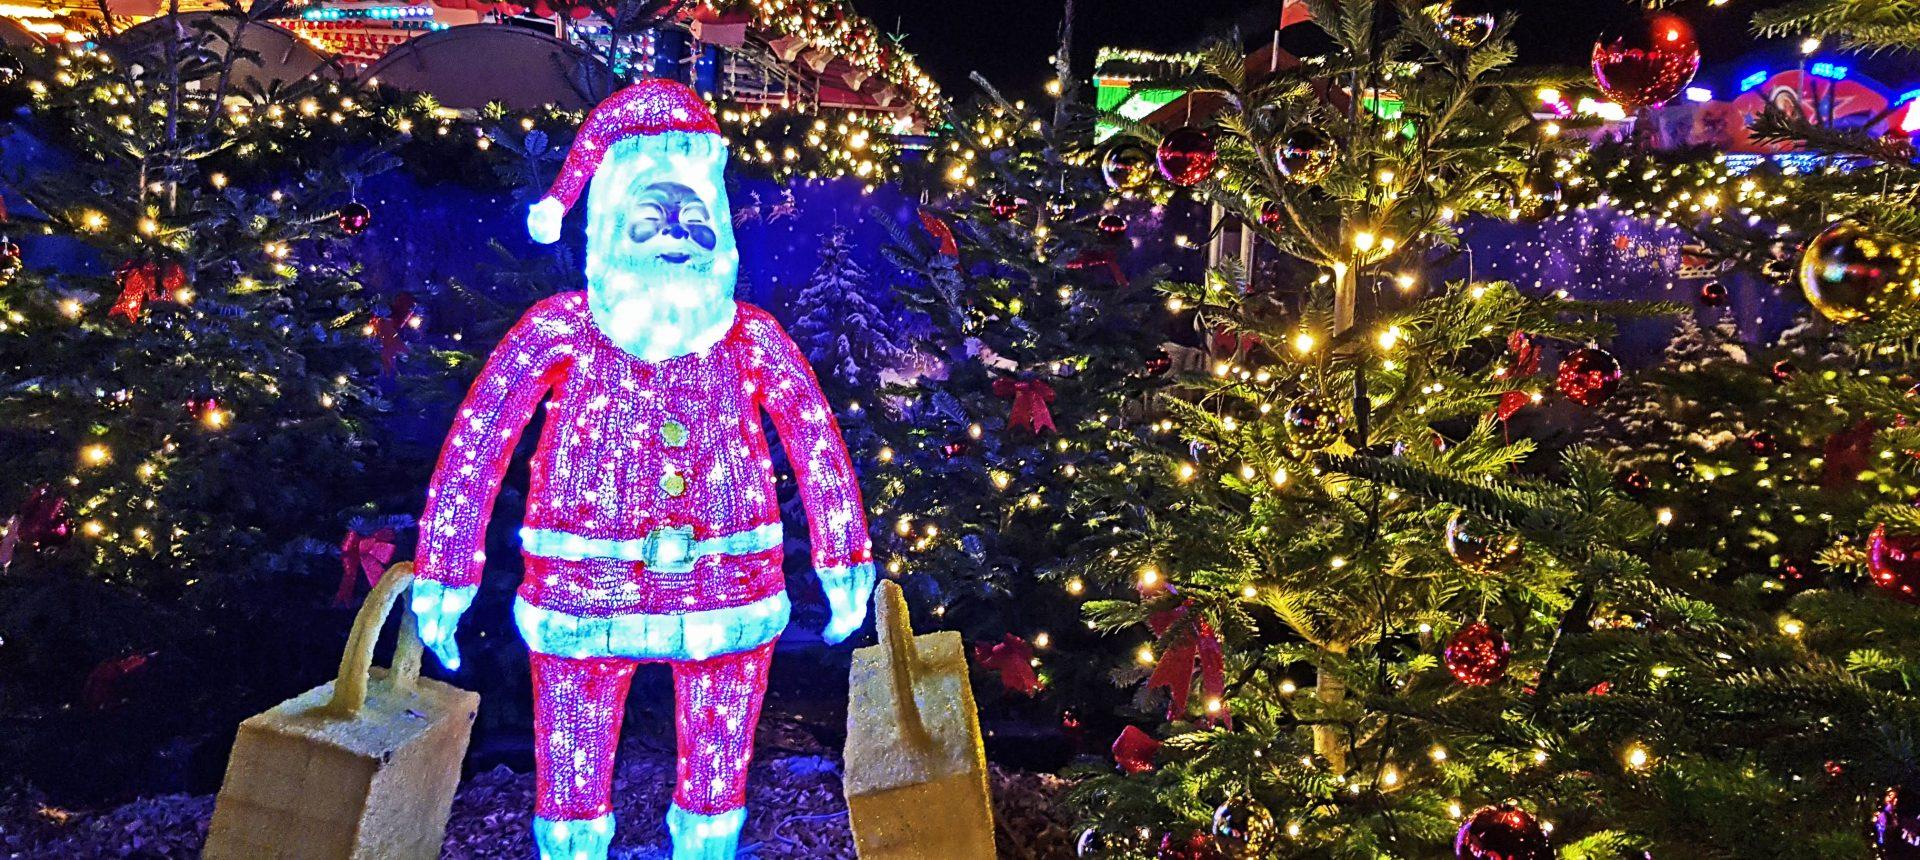 Das Bild zeigt eine Leuchtfigur auf dem Cranger Weihnachtszauber